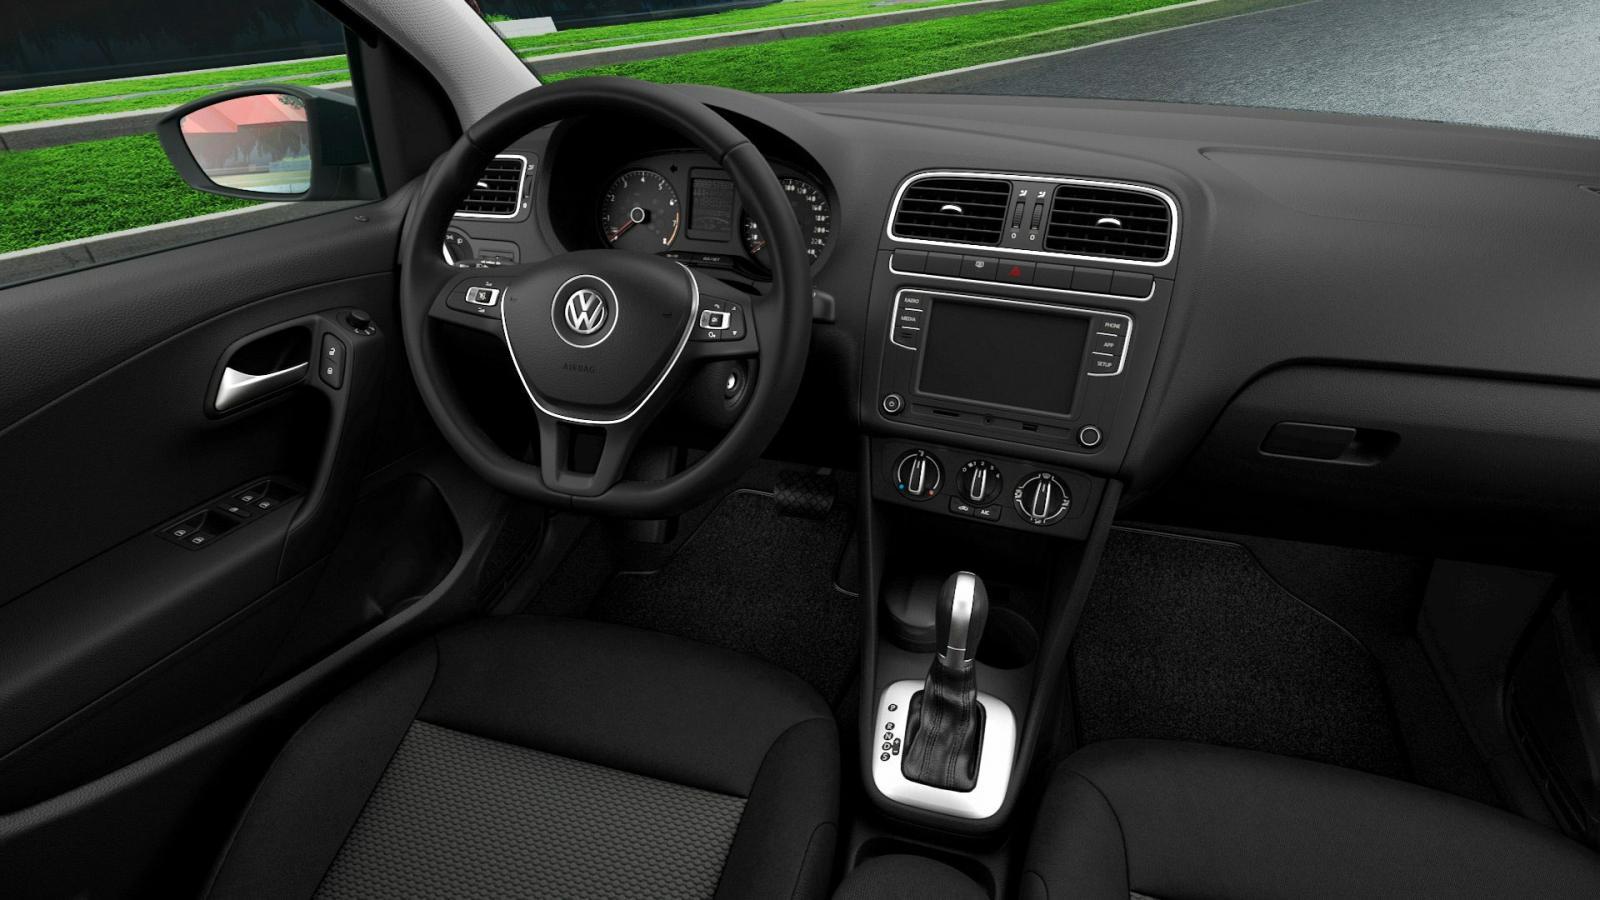 Comparativa: Kia Rio LX TA 2019 vs Volkswagen Polo Design & Sound 2019